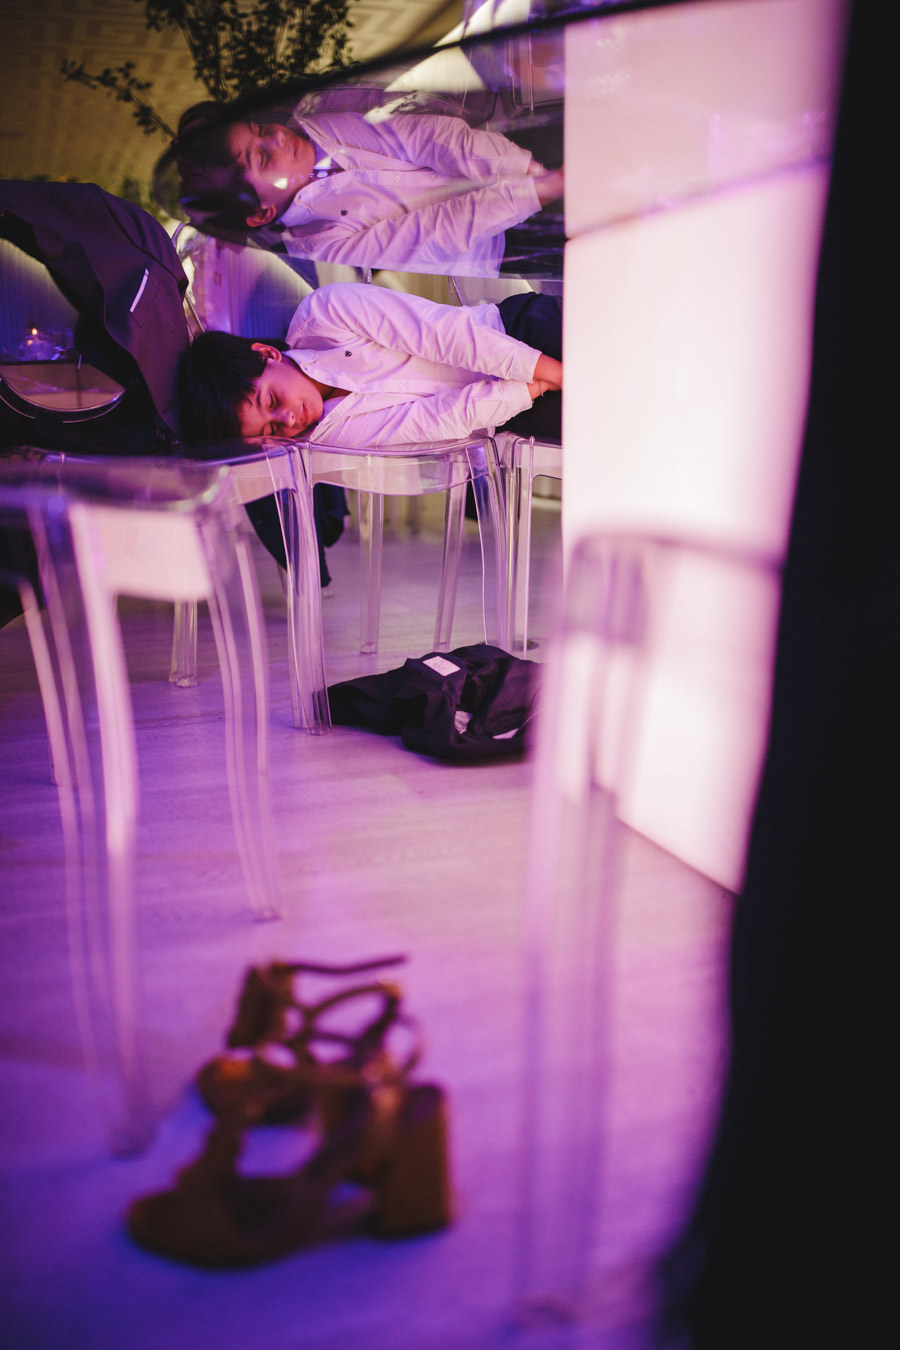 fotografia de casamento menino a dormir nas cadeiras